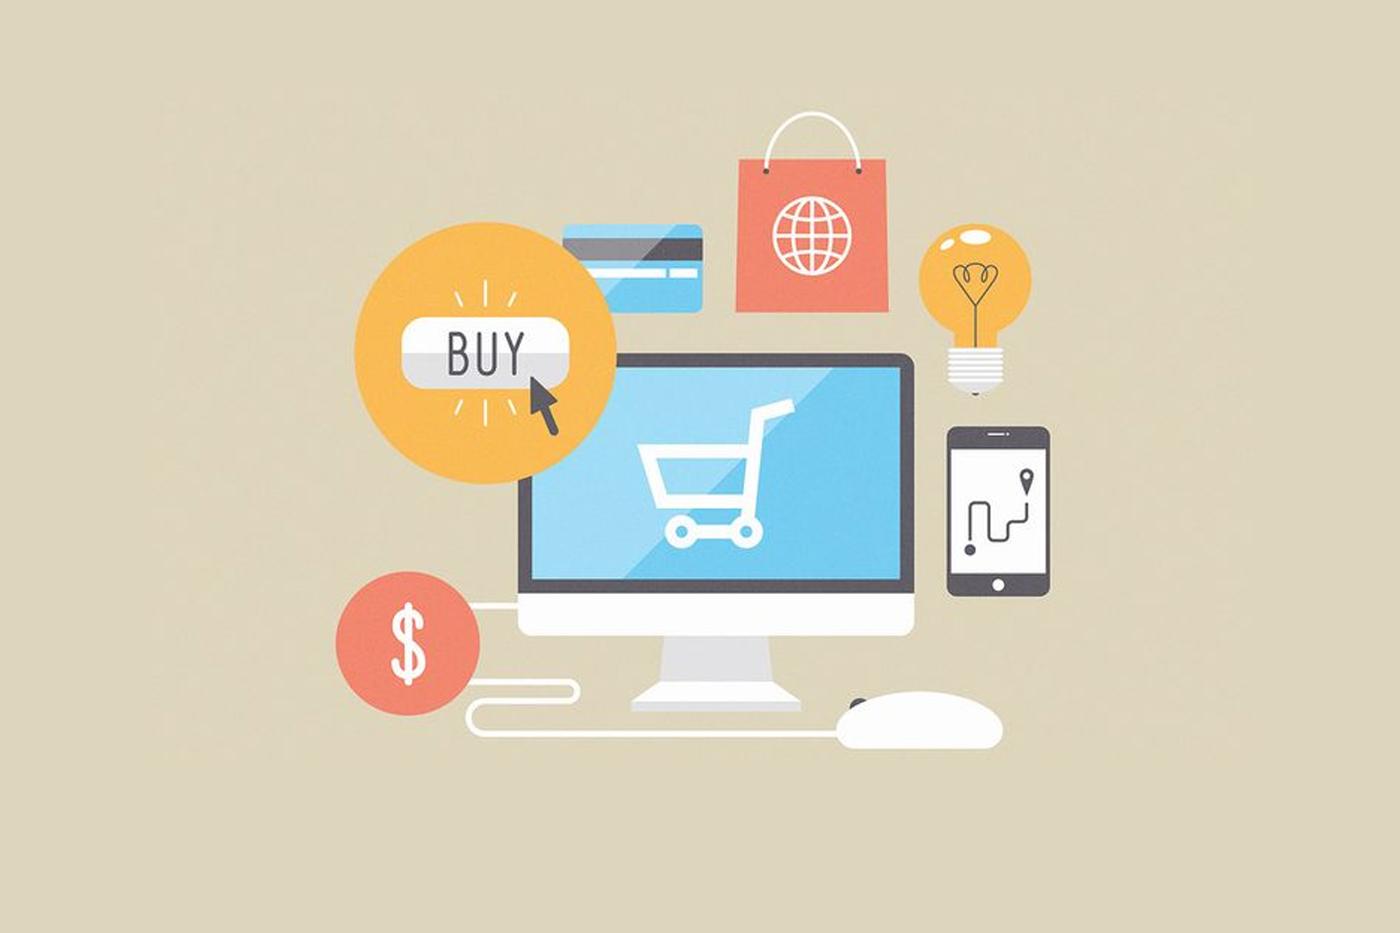 compras en redes sociales, red social, redes sociales, seo, agencia, cali, agencia cali, publicidad, mercadero, marketing, agencia publicidad, noticias, blog, innovacion, tecnologia, redes sociales, nuero media, neuromedia, ventas, compra, productos, servicio,